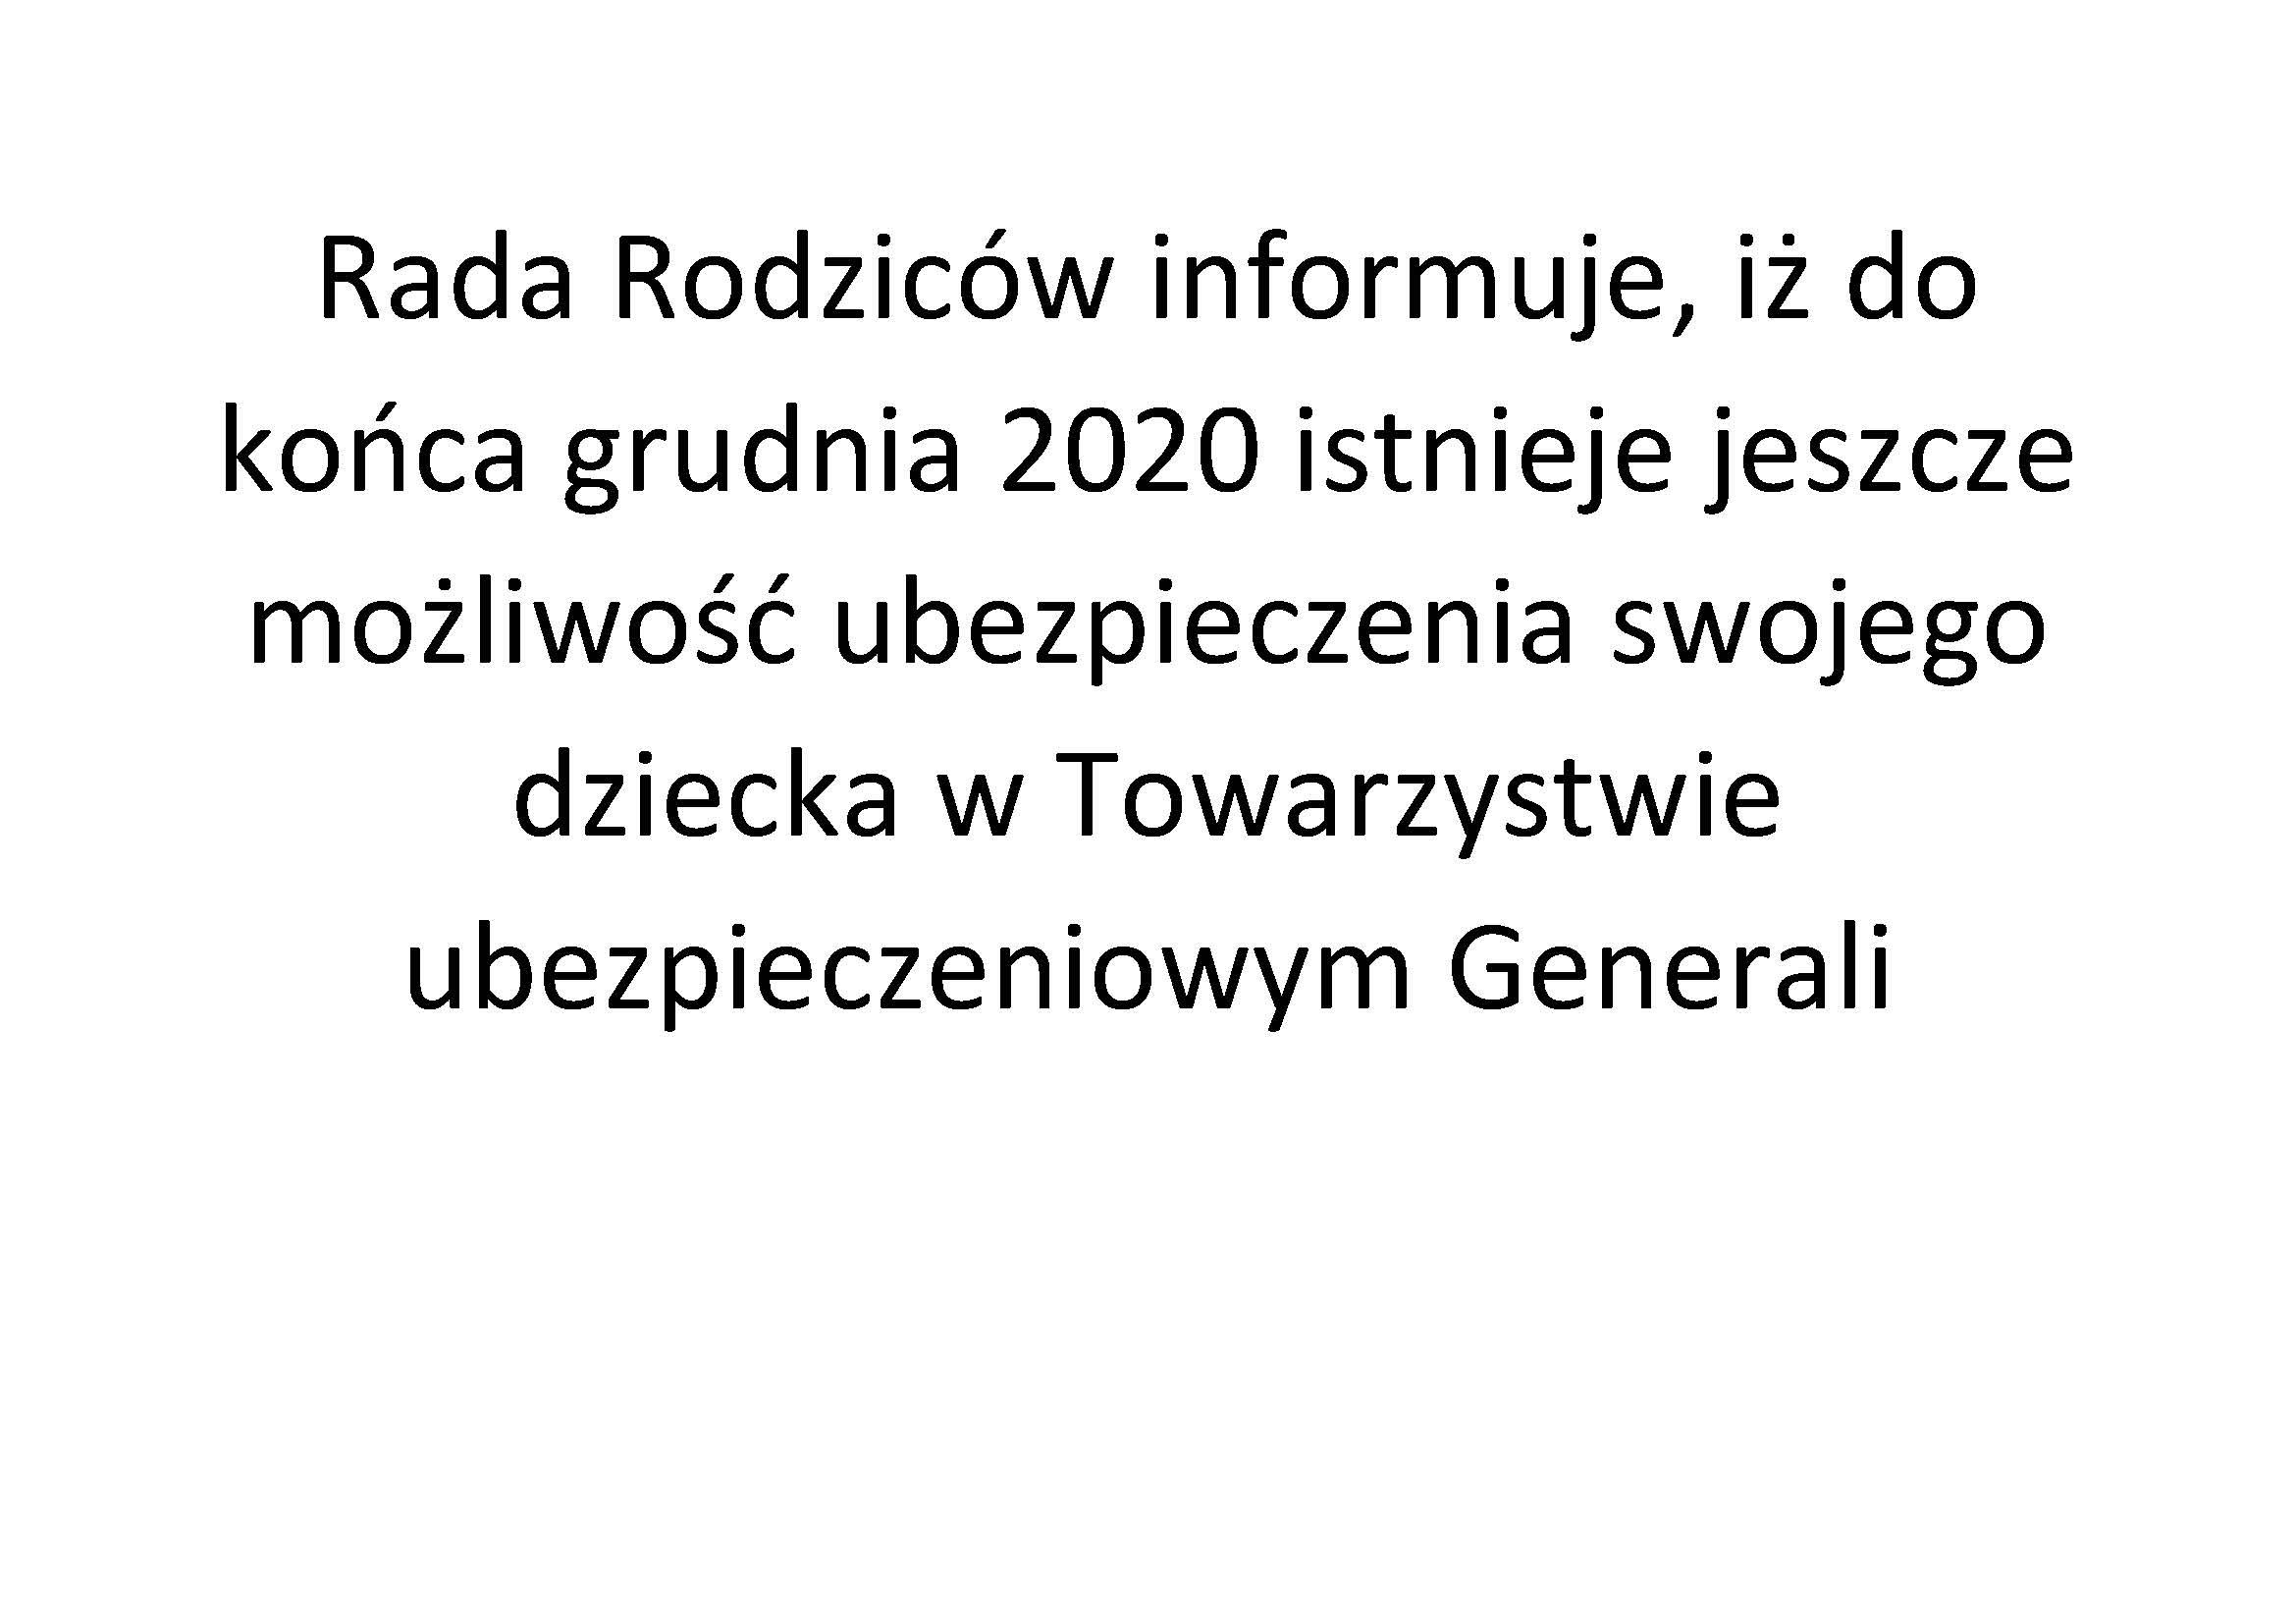 Informacja Generali